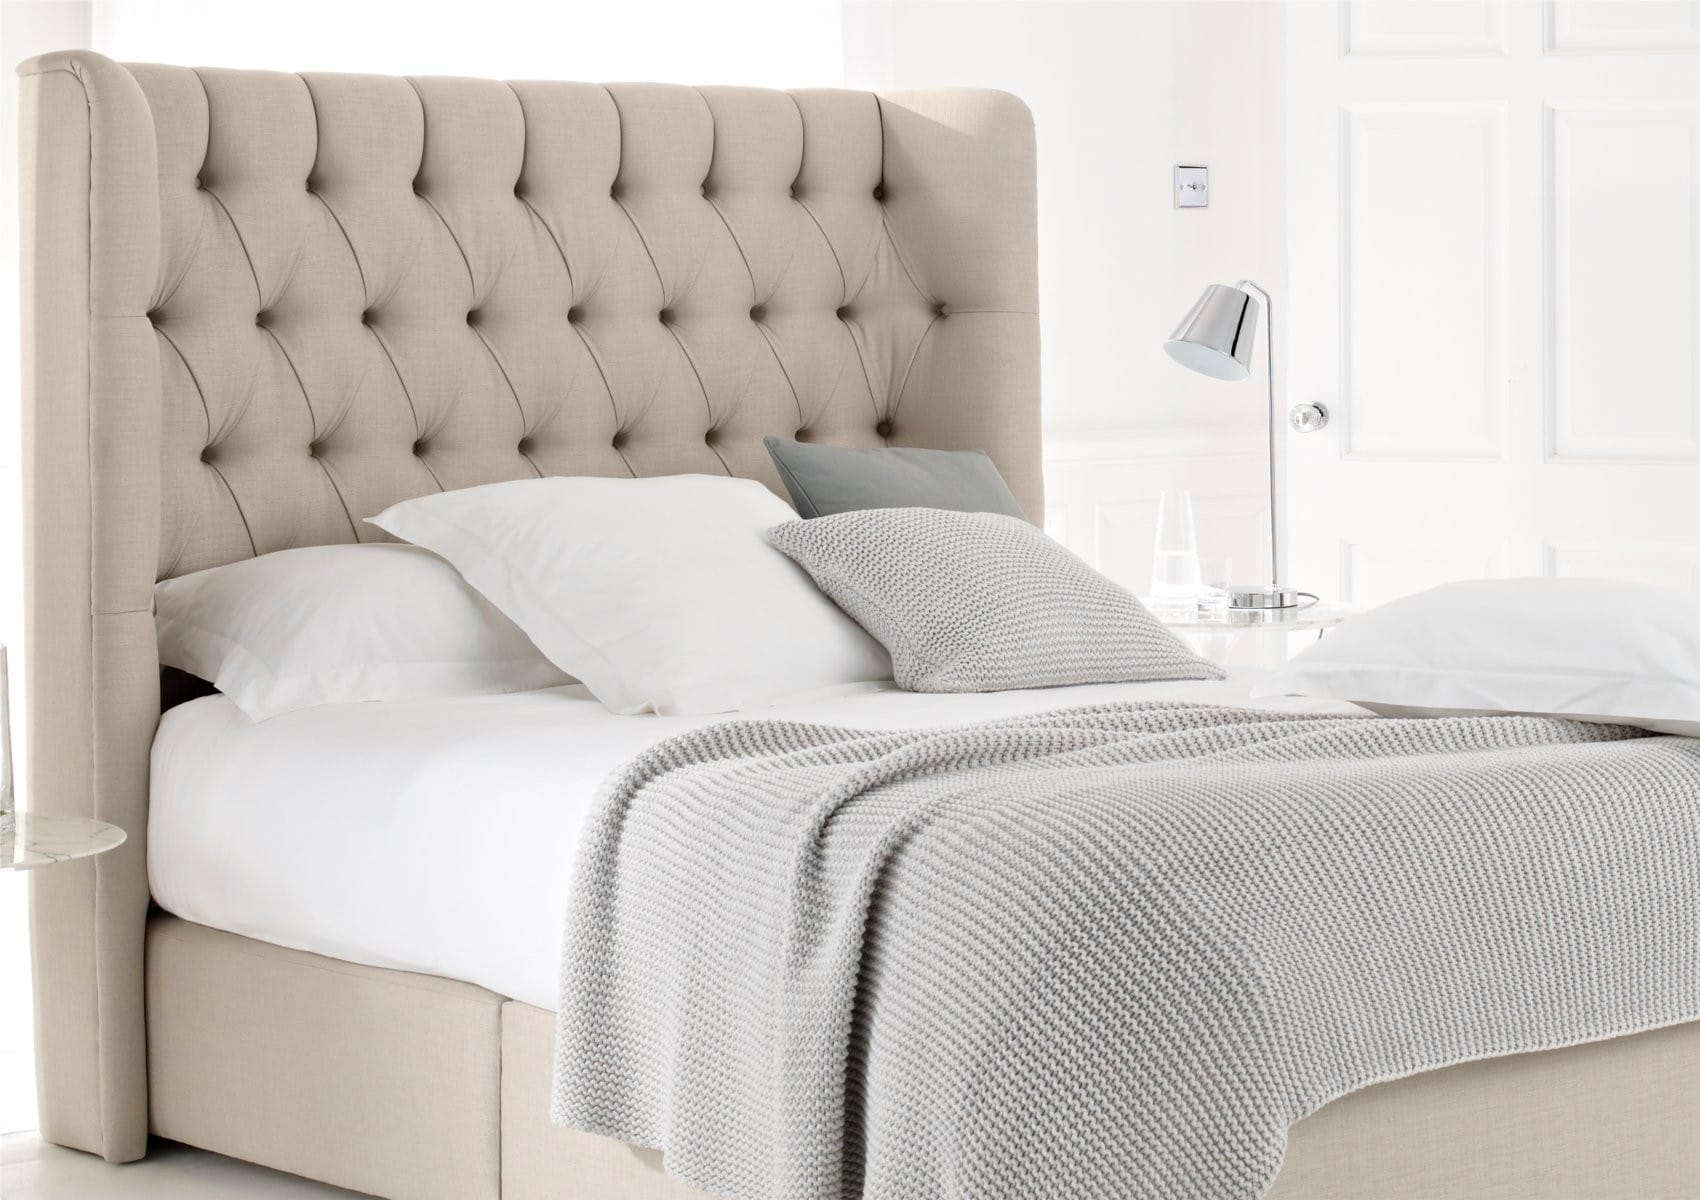 30 cabeceros originales para una cama con estilo estreno - Cabeceros de cama originales ...